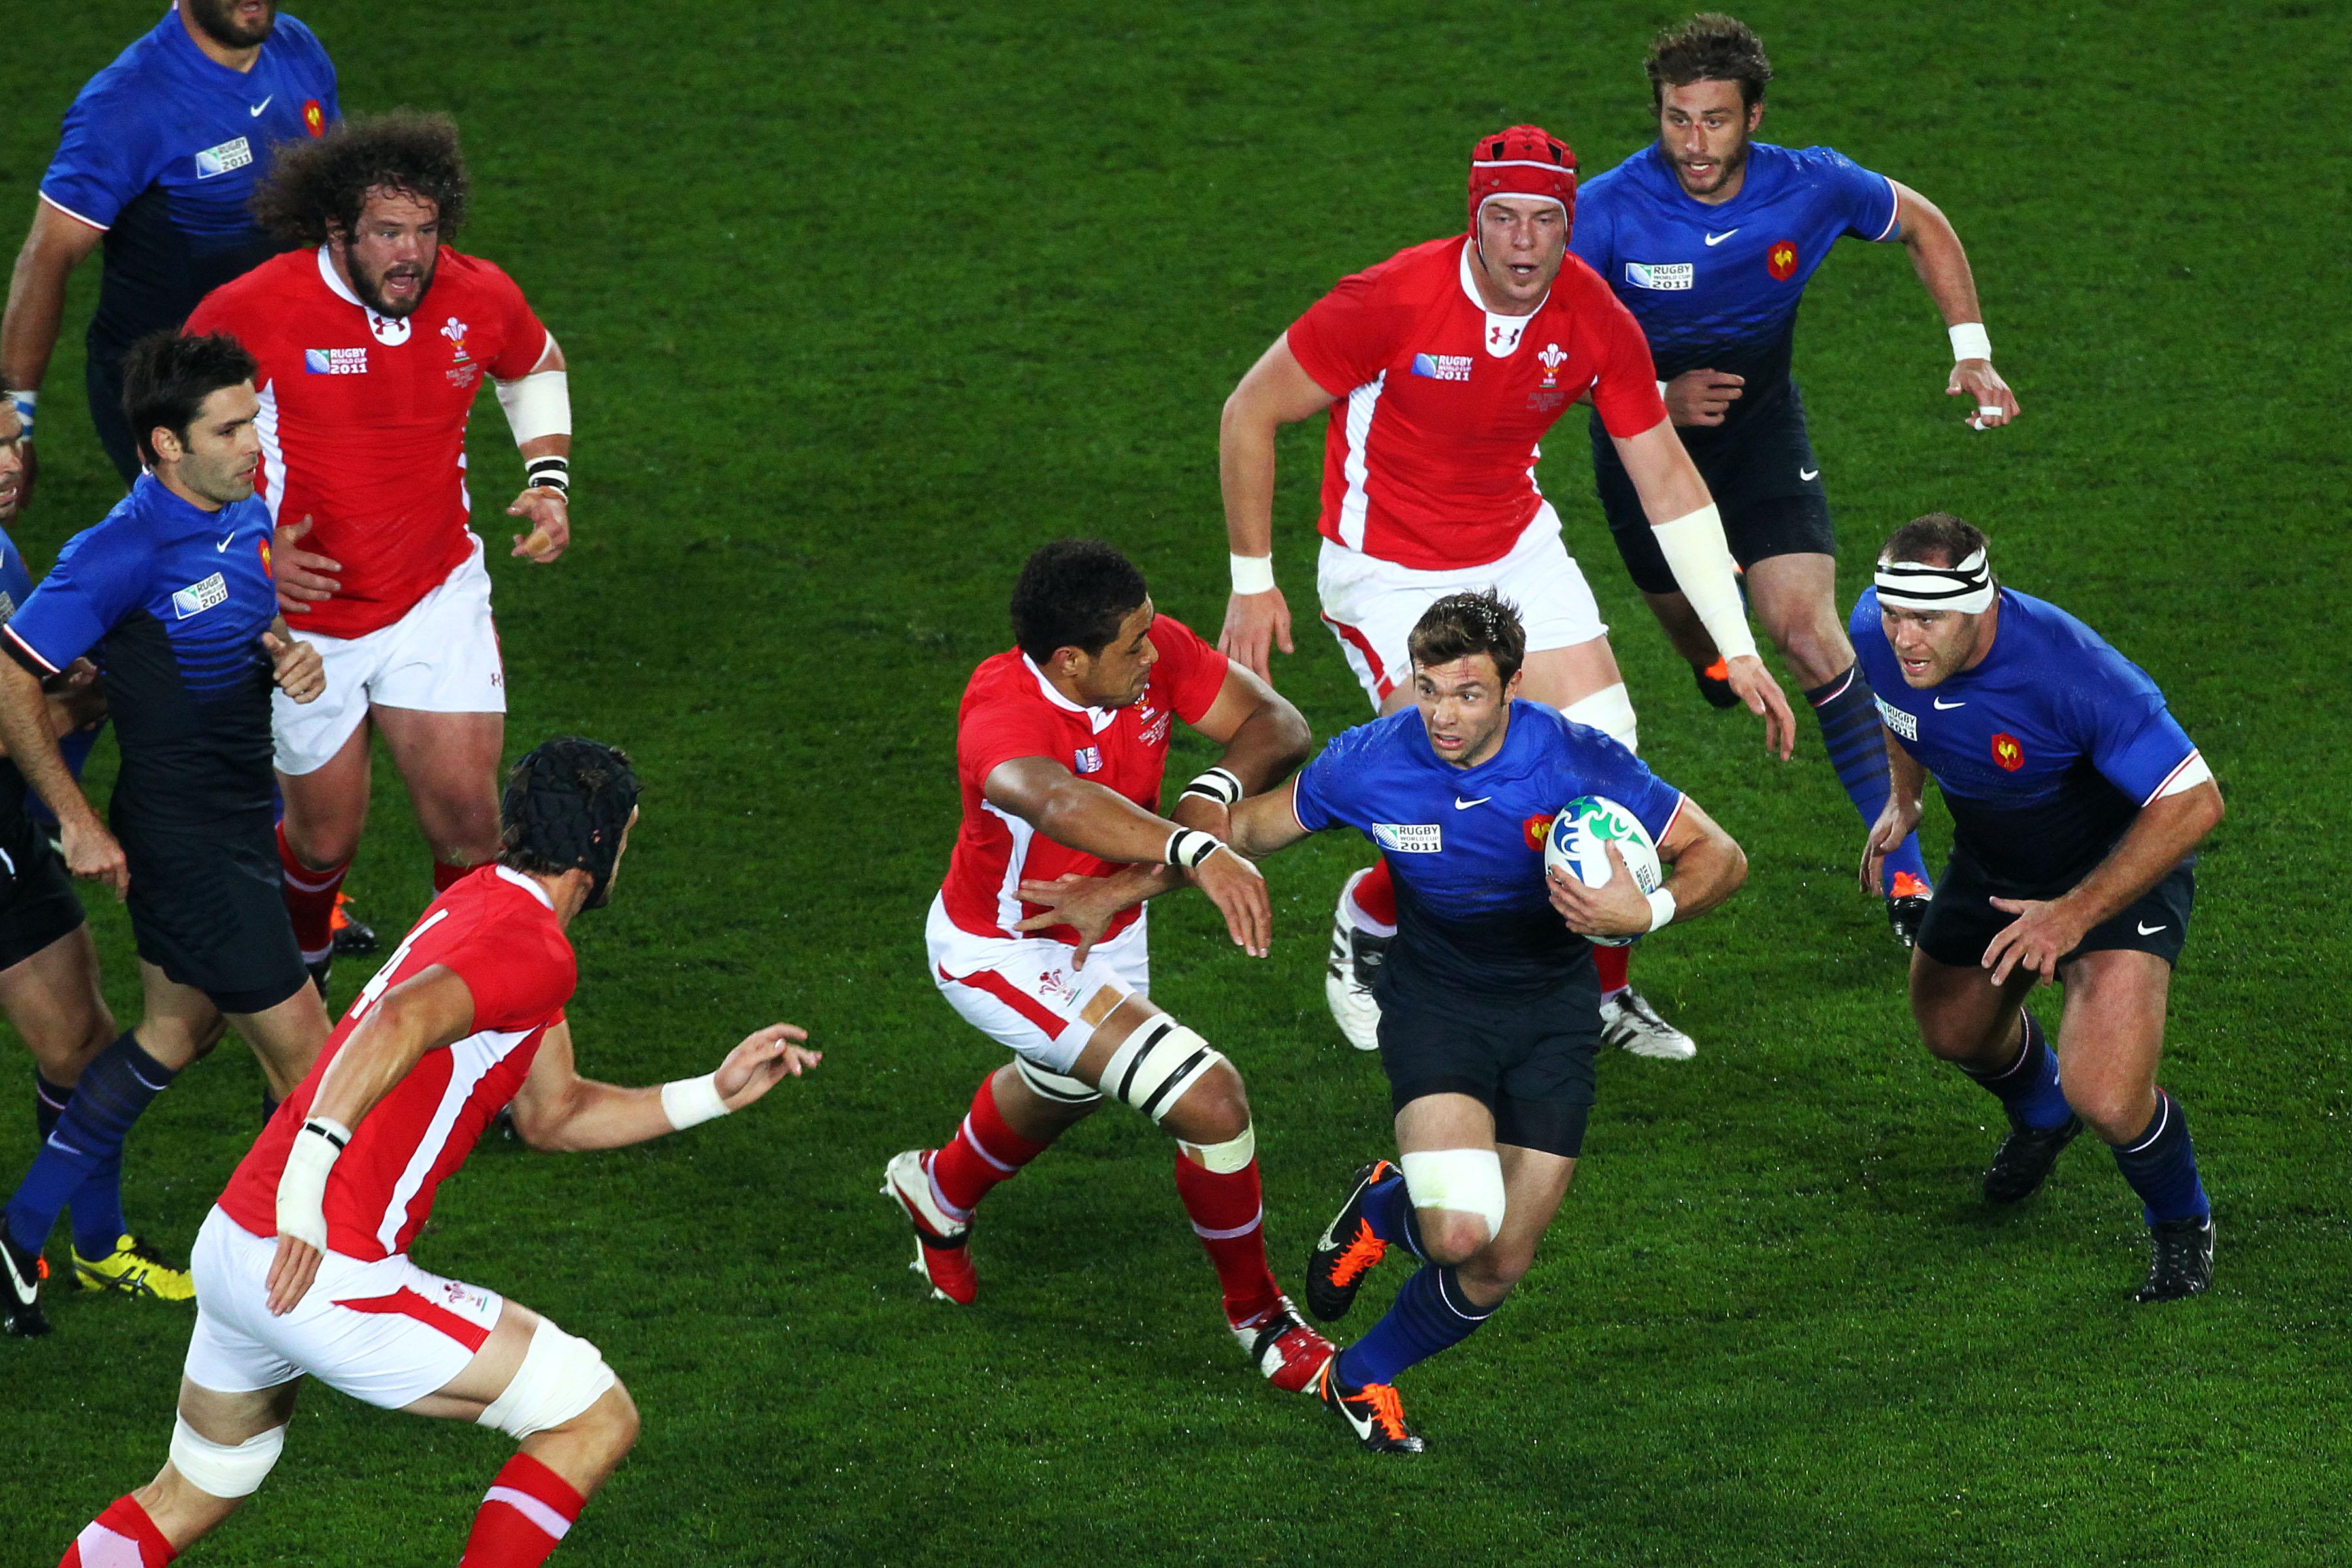 Rugby - Coupe du monde 2019 - Le top 5 des France-Galles de l'histoire